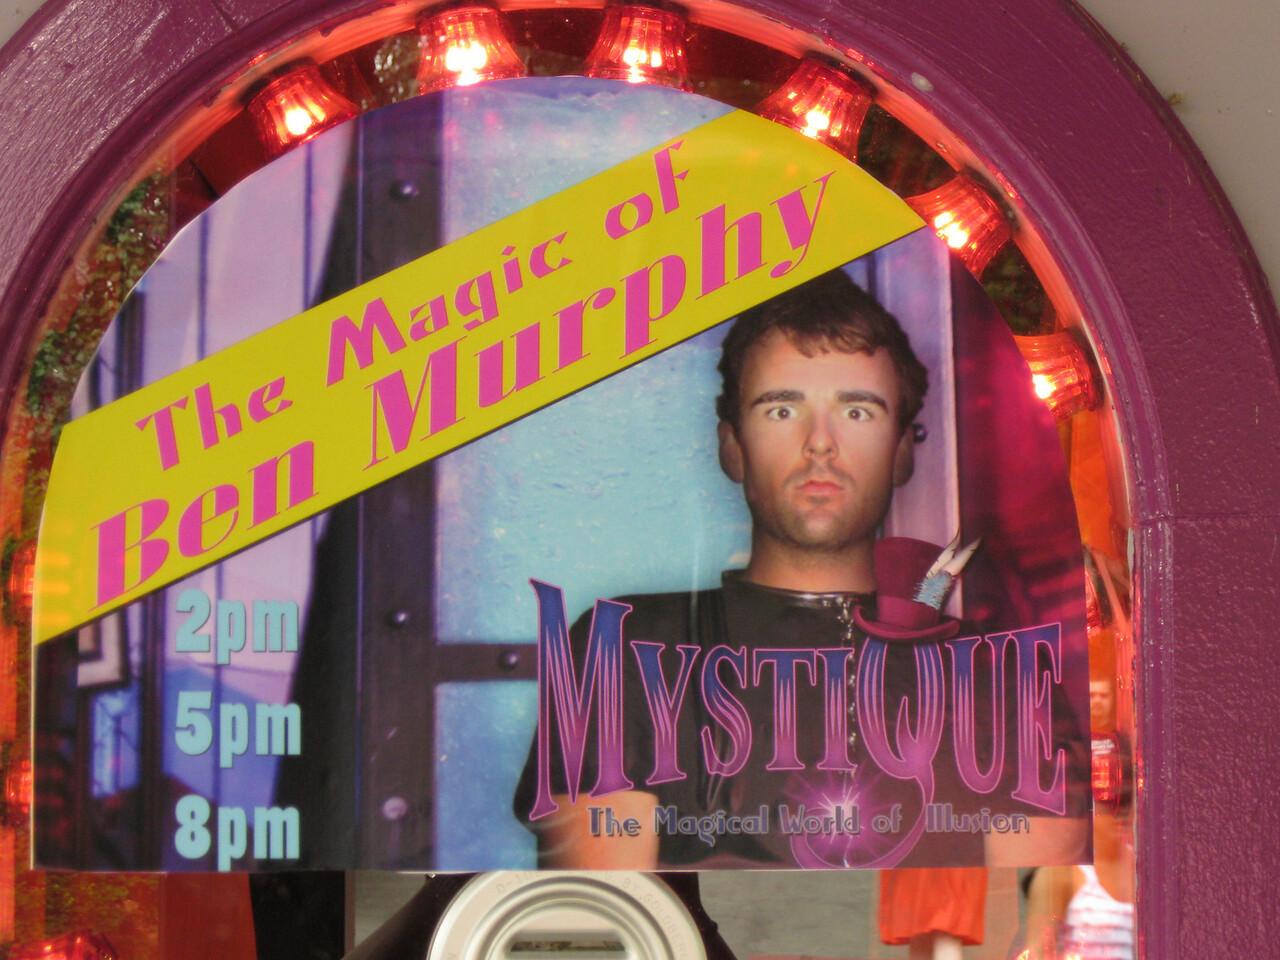 The Magic of Ben Murphy poster.